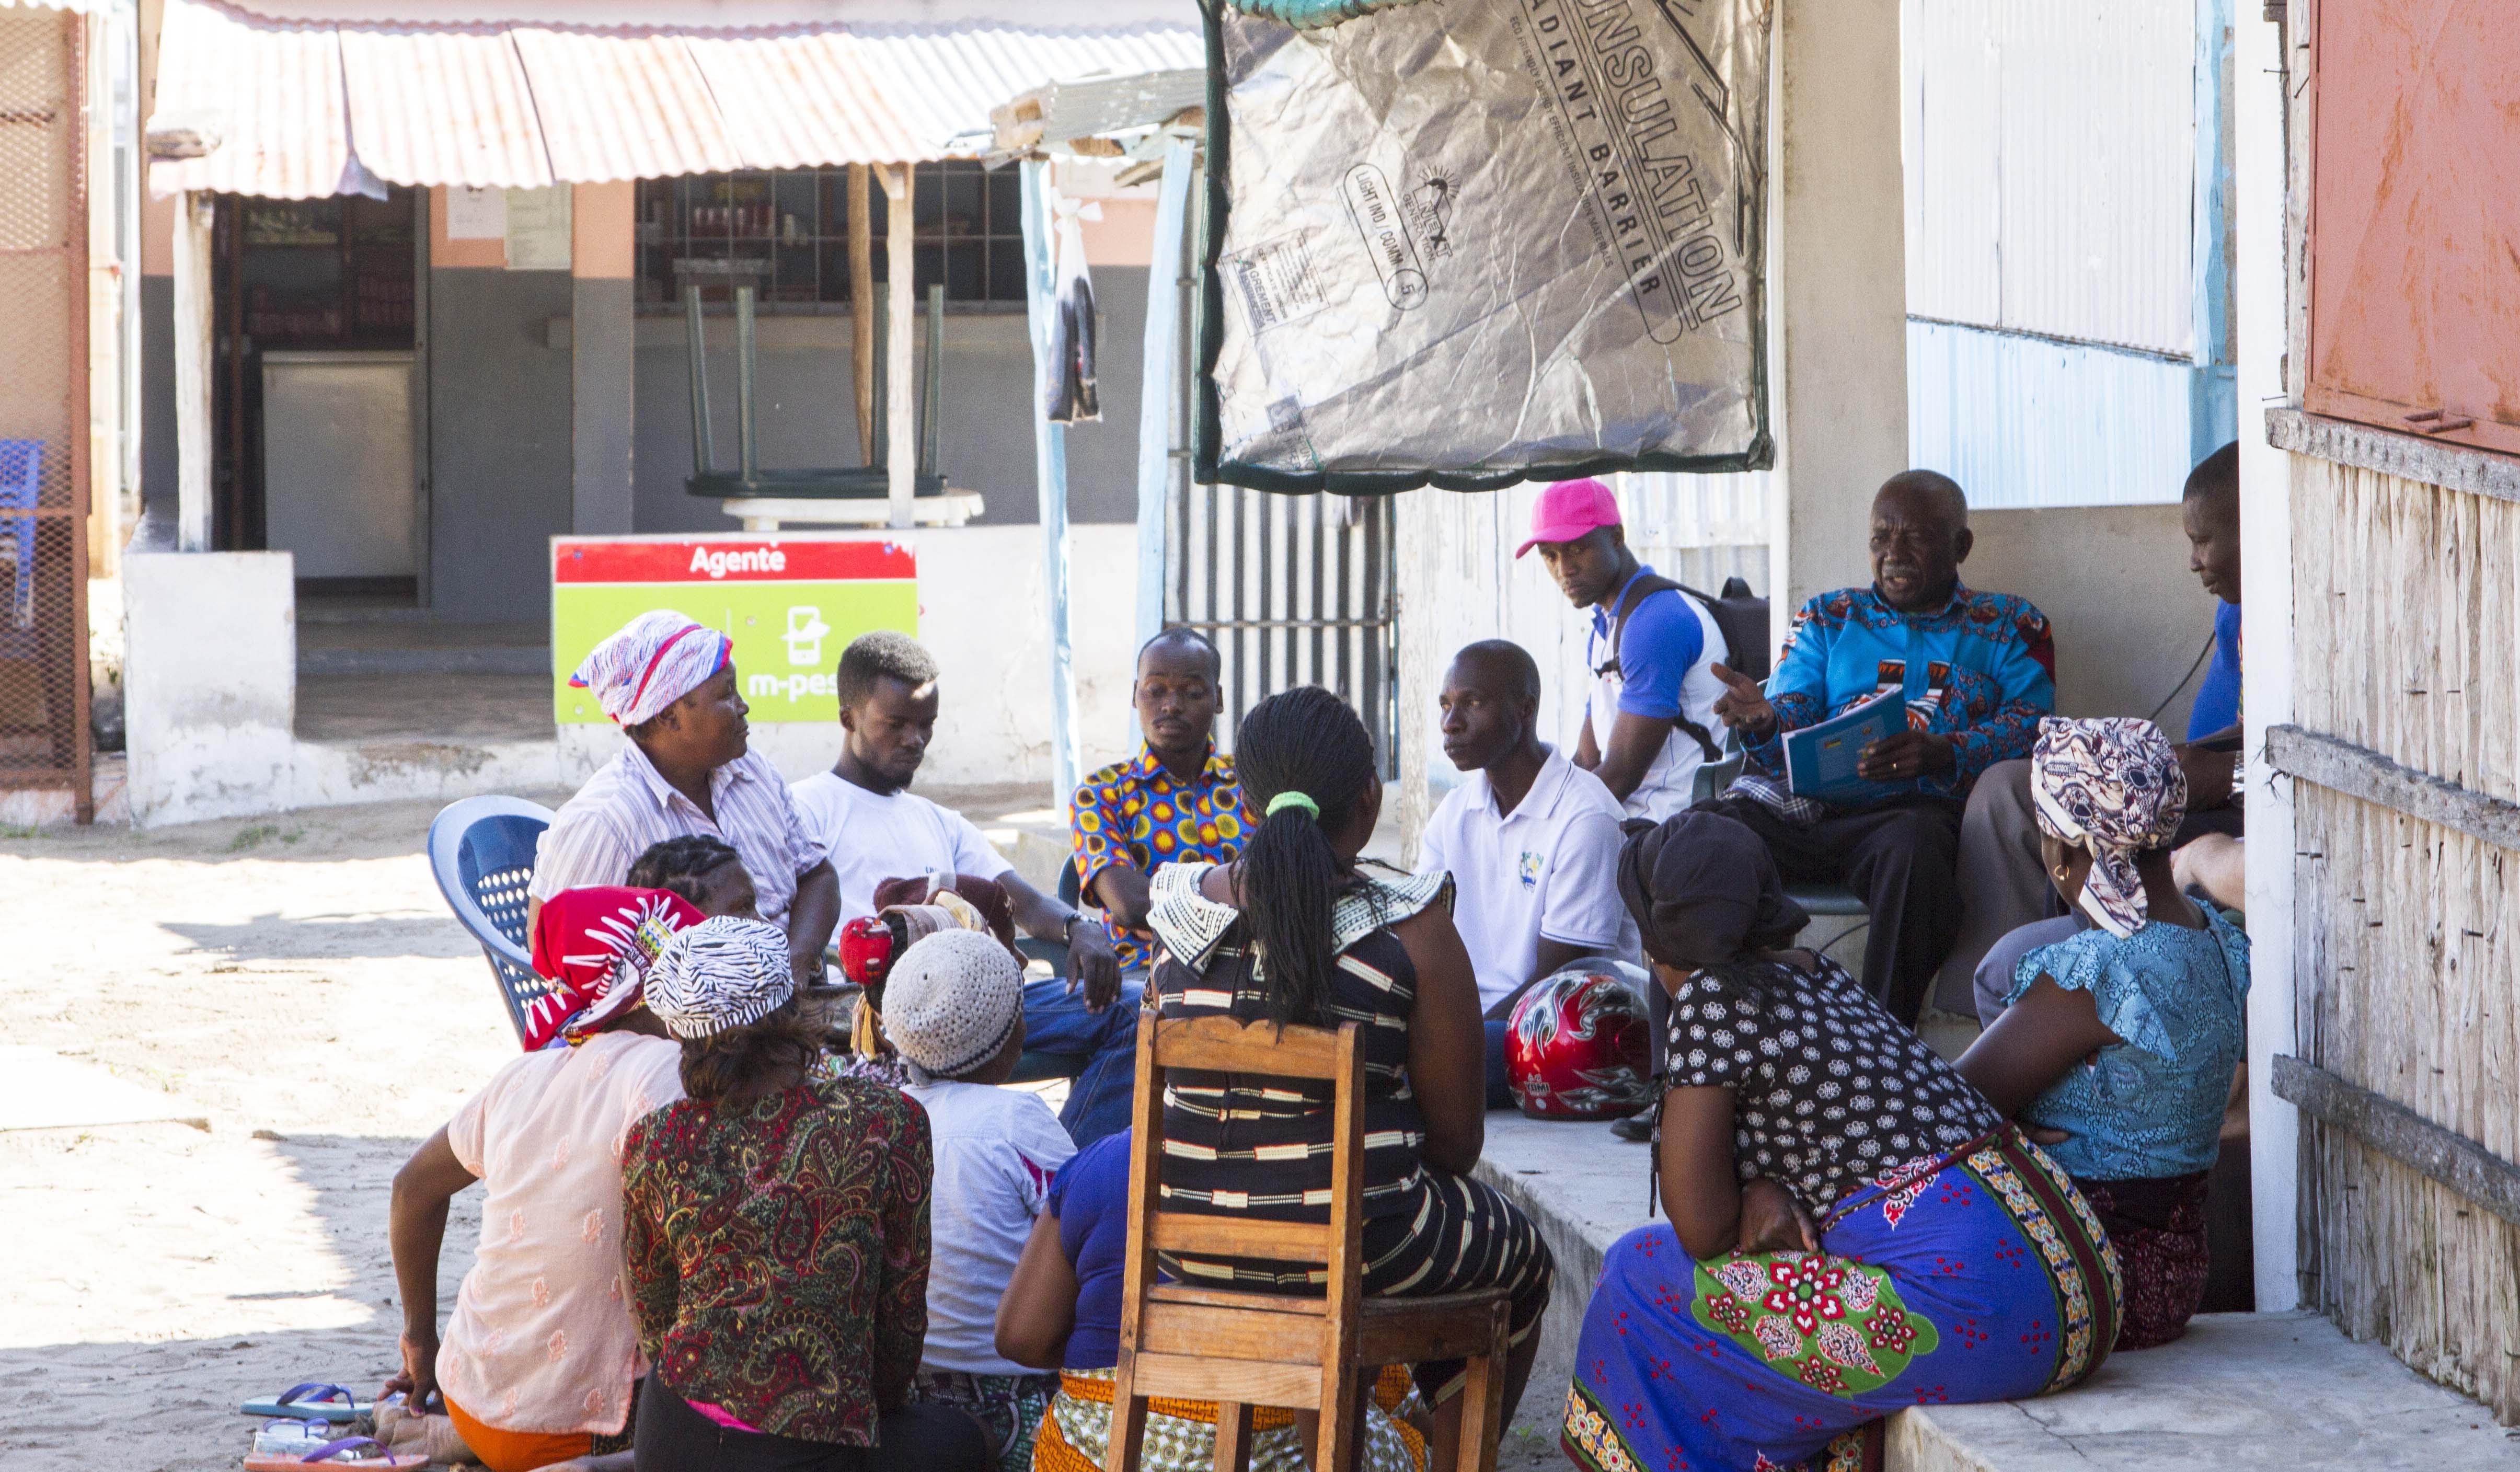 Desenvolupament De Metodologies Participatives Per A L'empoderament Ciutadà Basat En La Millora De La Xarxa De Mercats